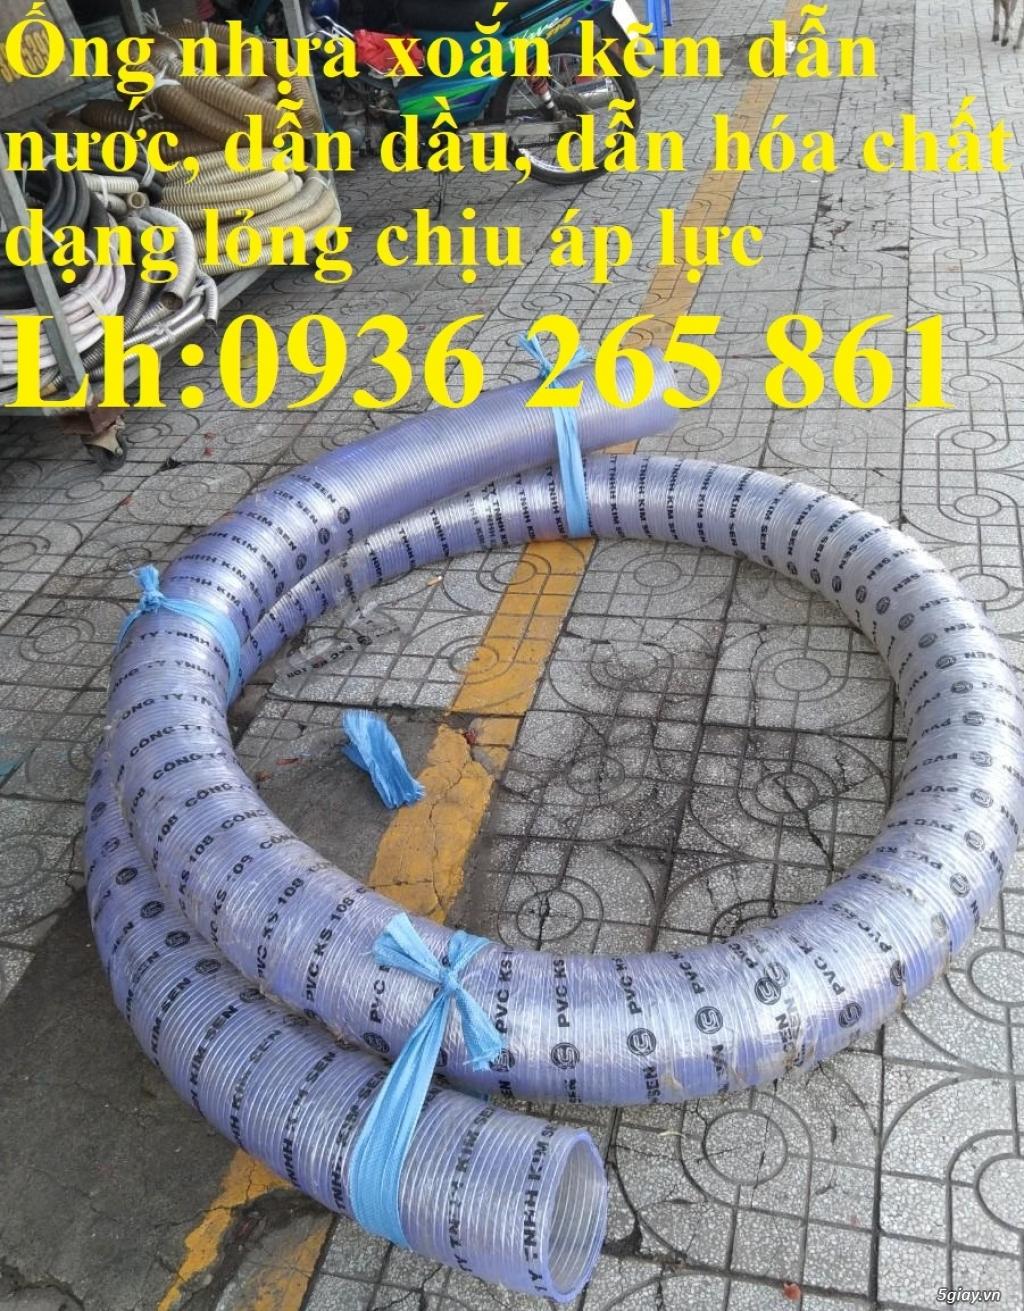 Ống nhựa PVC lõi kẽm dẫn dầu D76, D90, D100, D114, D120, D150 - 4